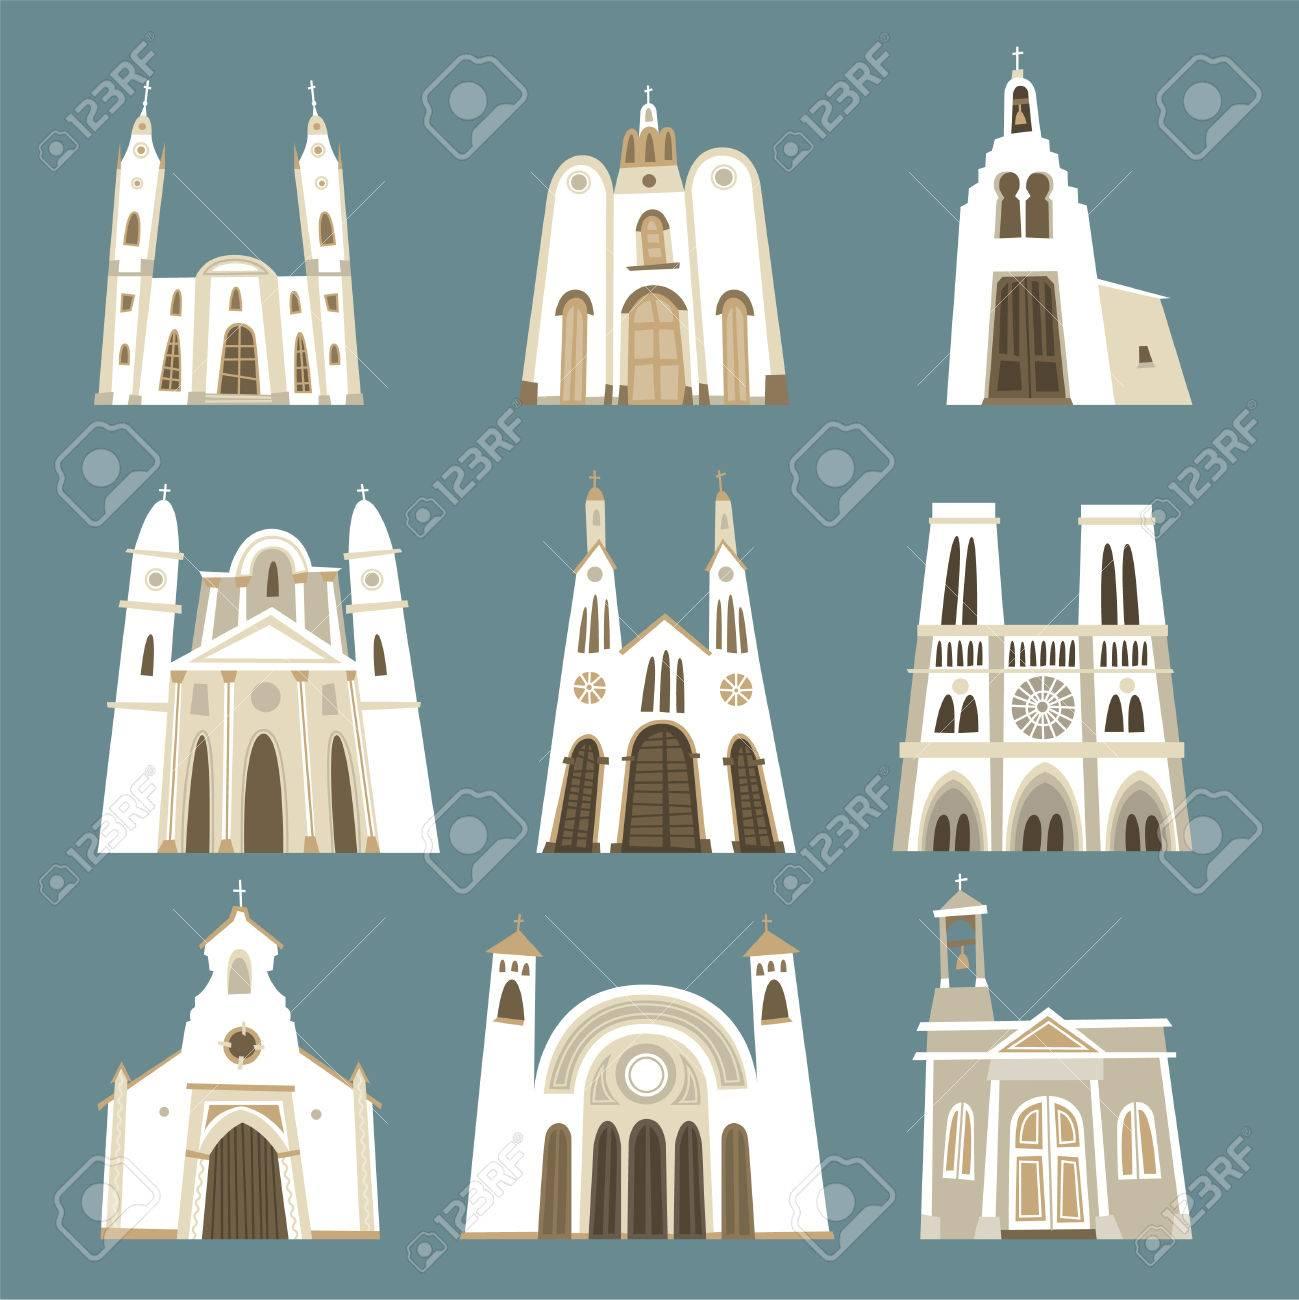 教会カトリック聖堂礼拝堂チャペル教会聖域フロント ビュー コレクション